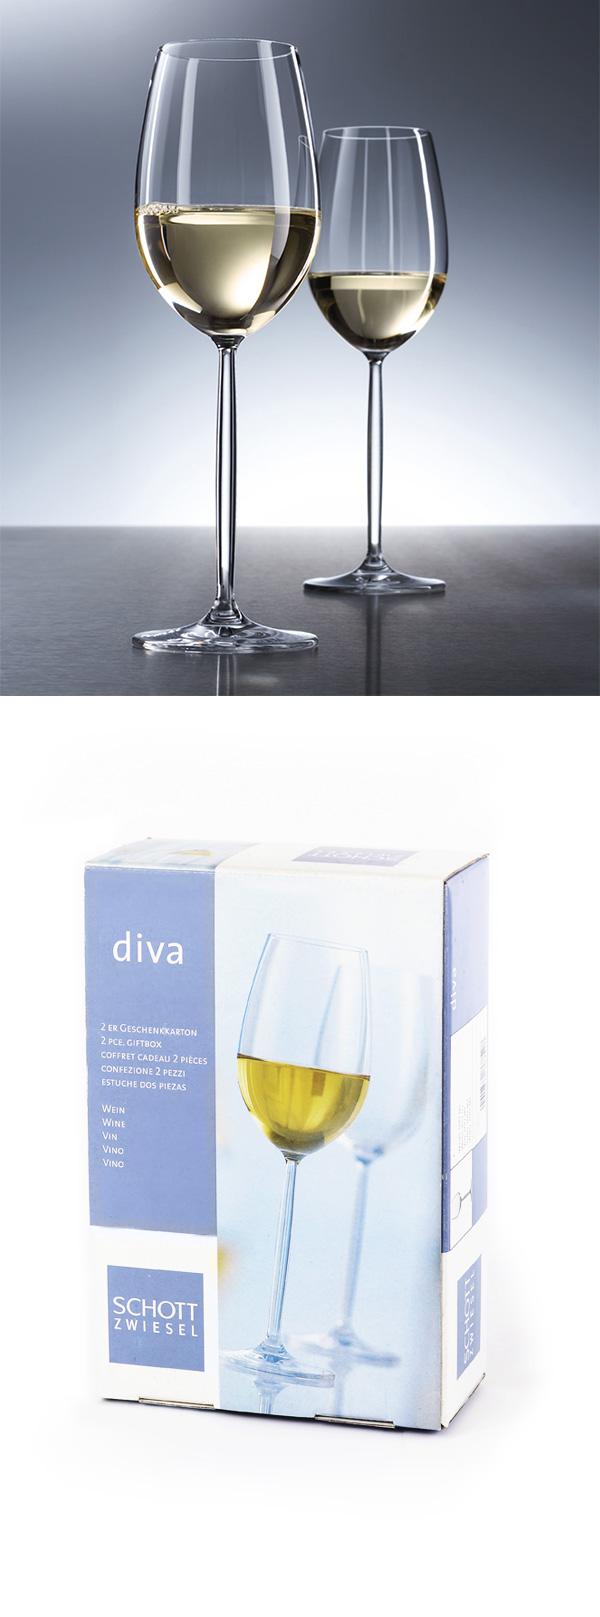 (大宗採購)德國蔡司 Schott Zwiesel DIVA 白酒對杯 禮盒裝